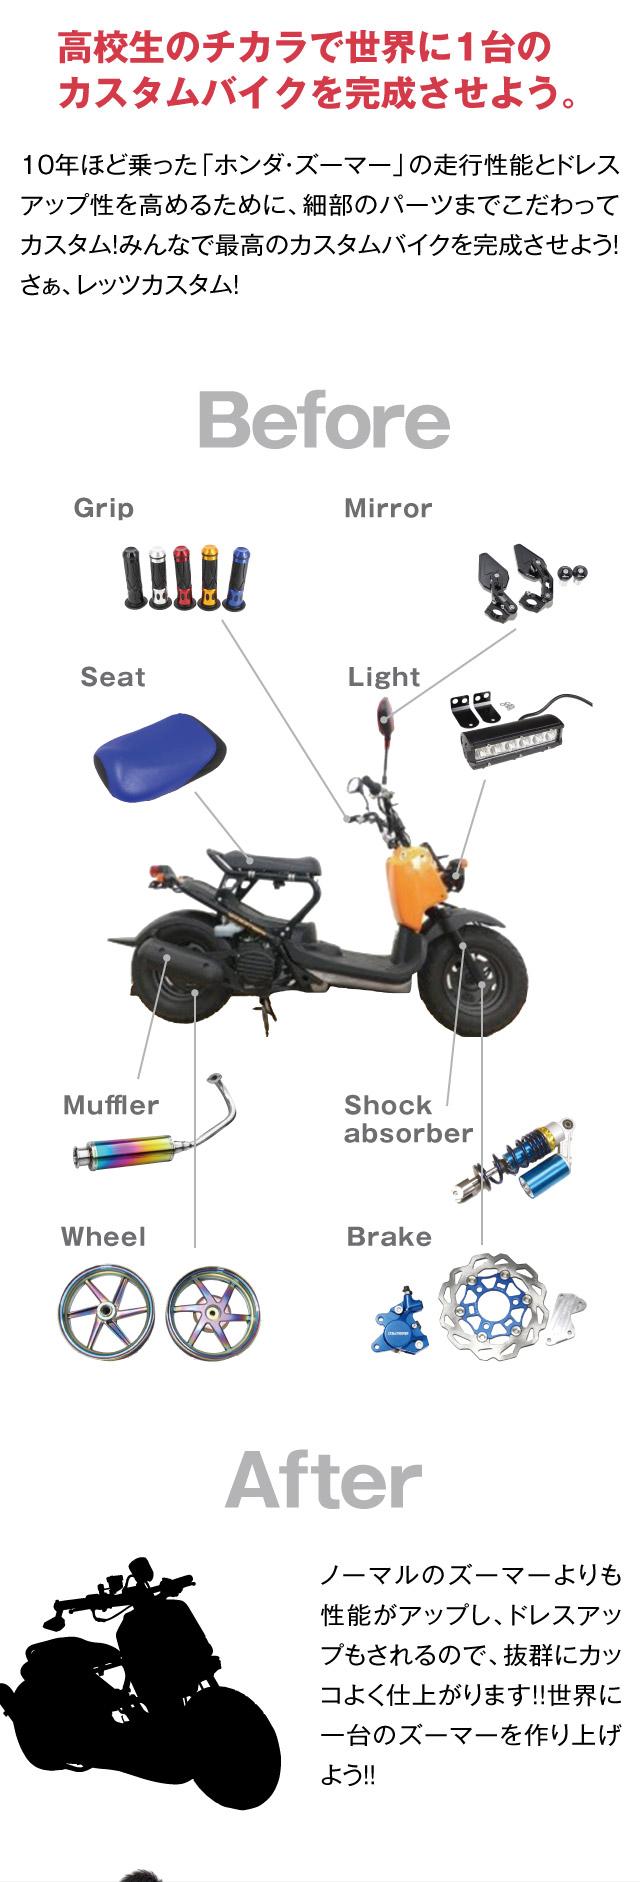 高校生のチカラで世界に1台のカスタムバイクを完成させよう。